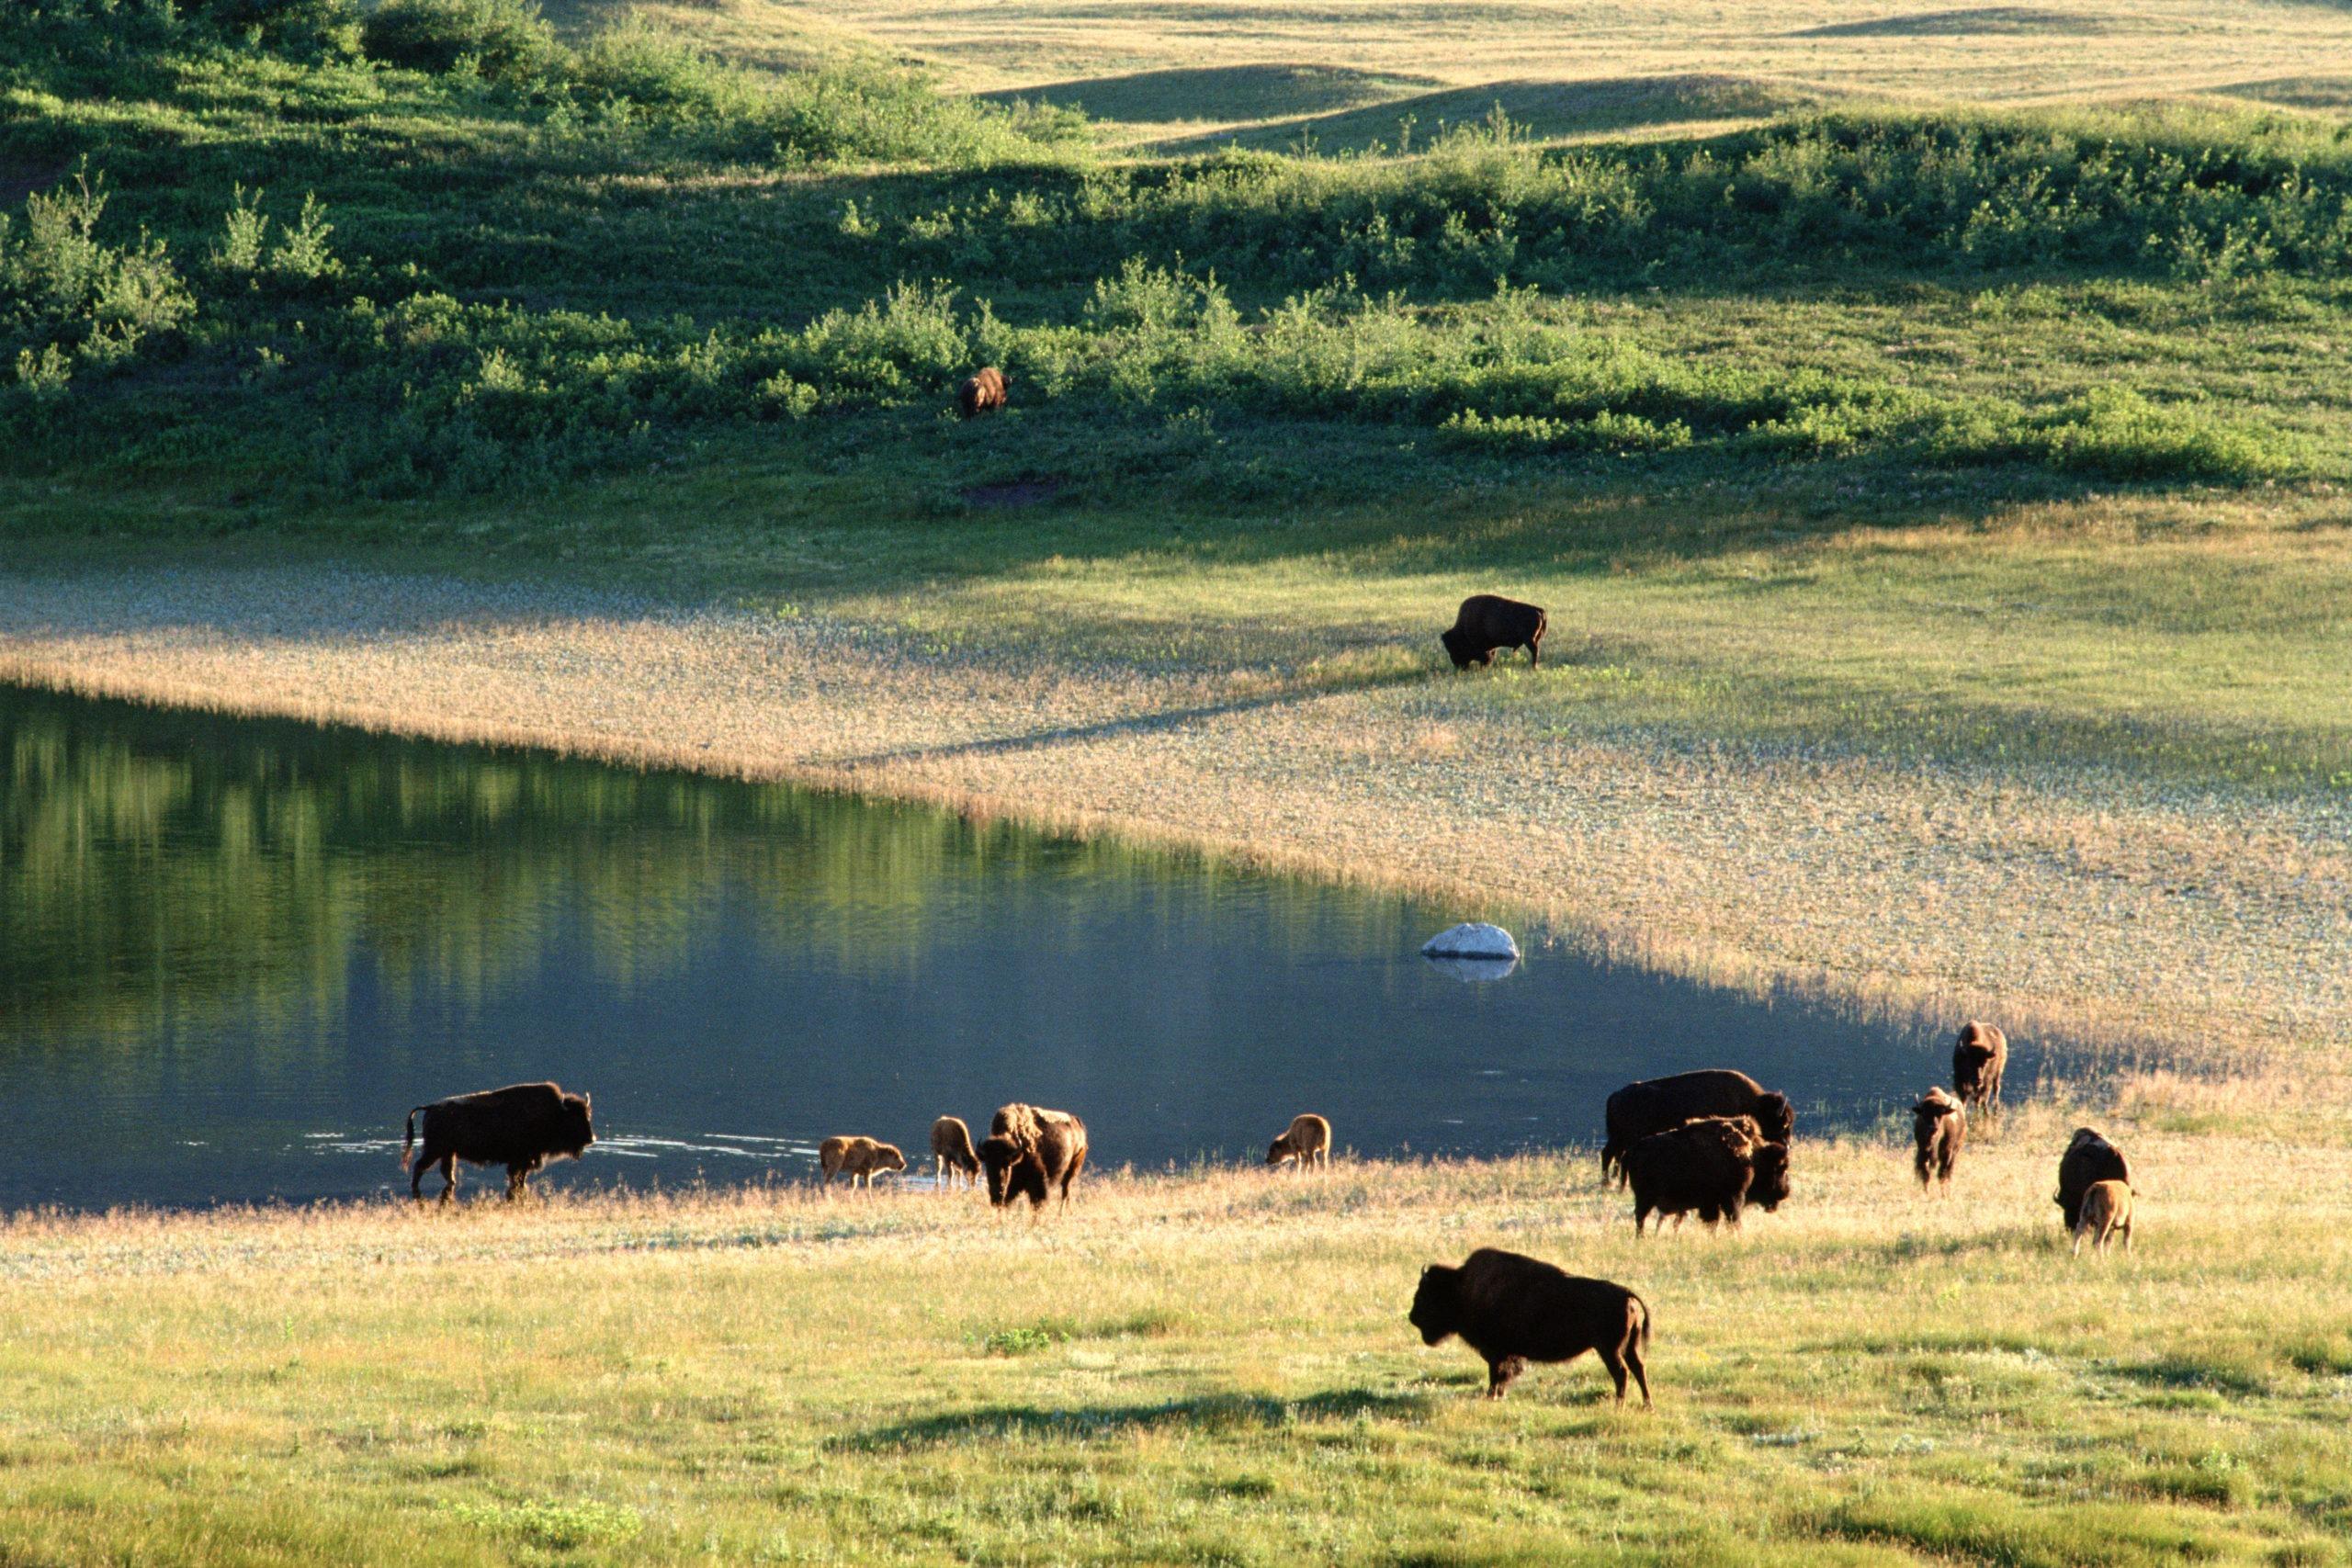 Bison eller buffel - vad är skillnaden? artikelbild